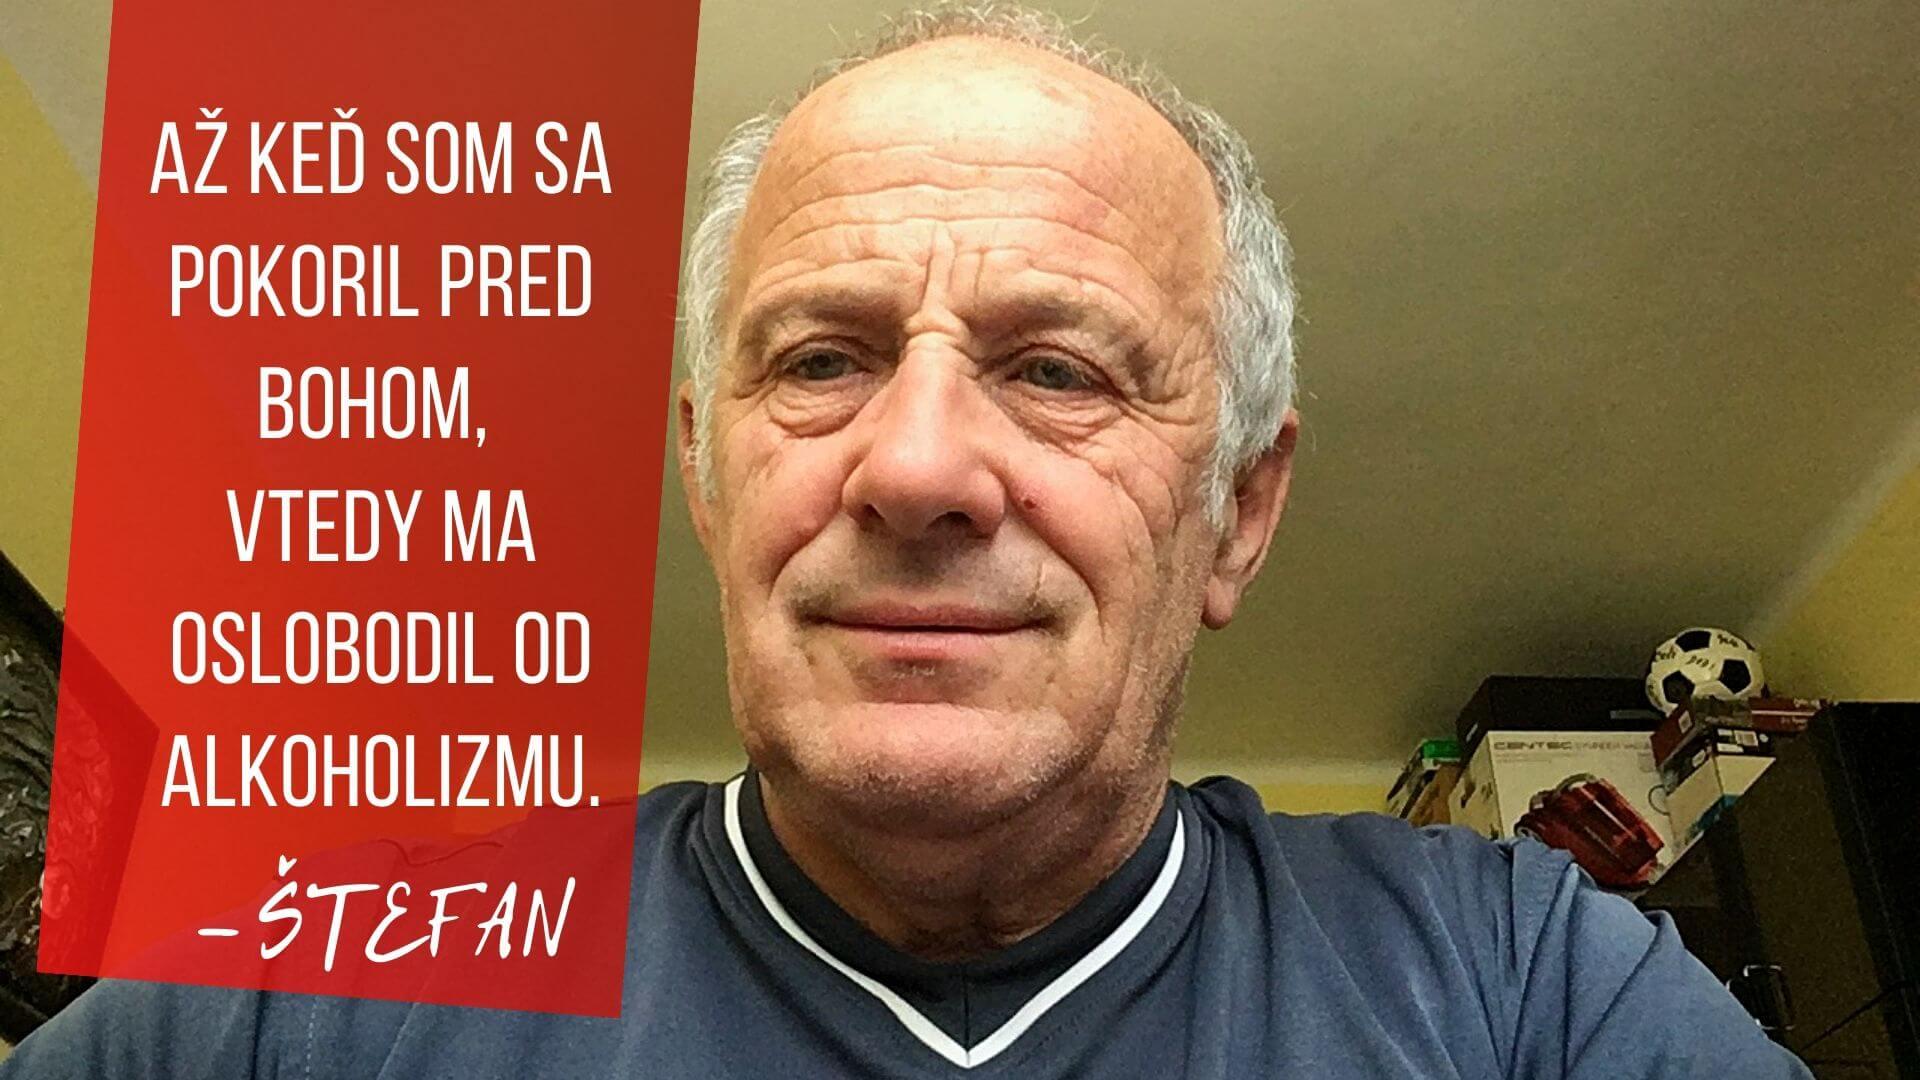 Štefan - Až keď som sa pokoril pred Bohom, vtedy ma oslobodil od alkoholizmu.